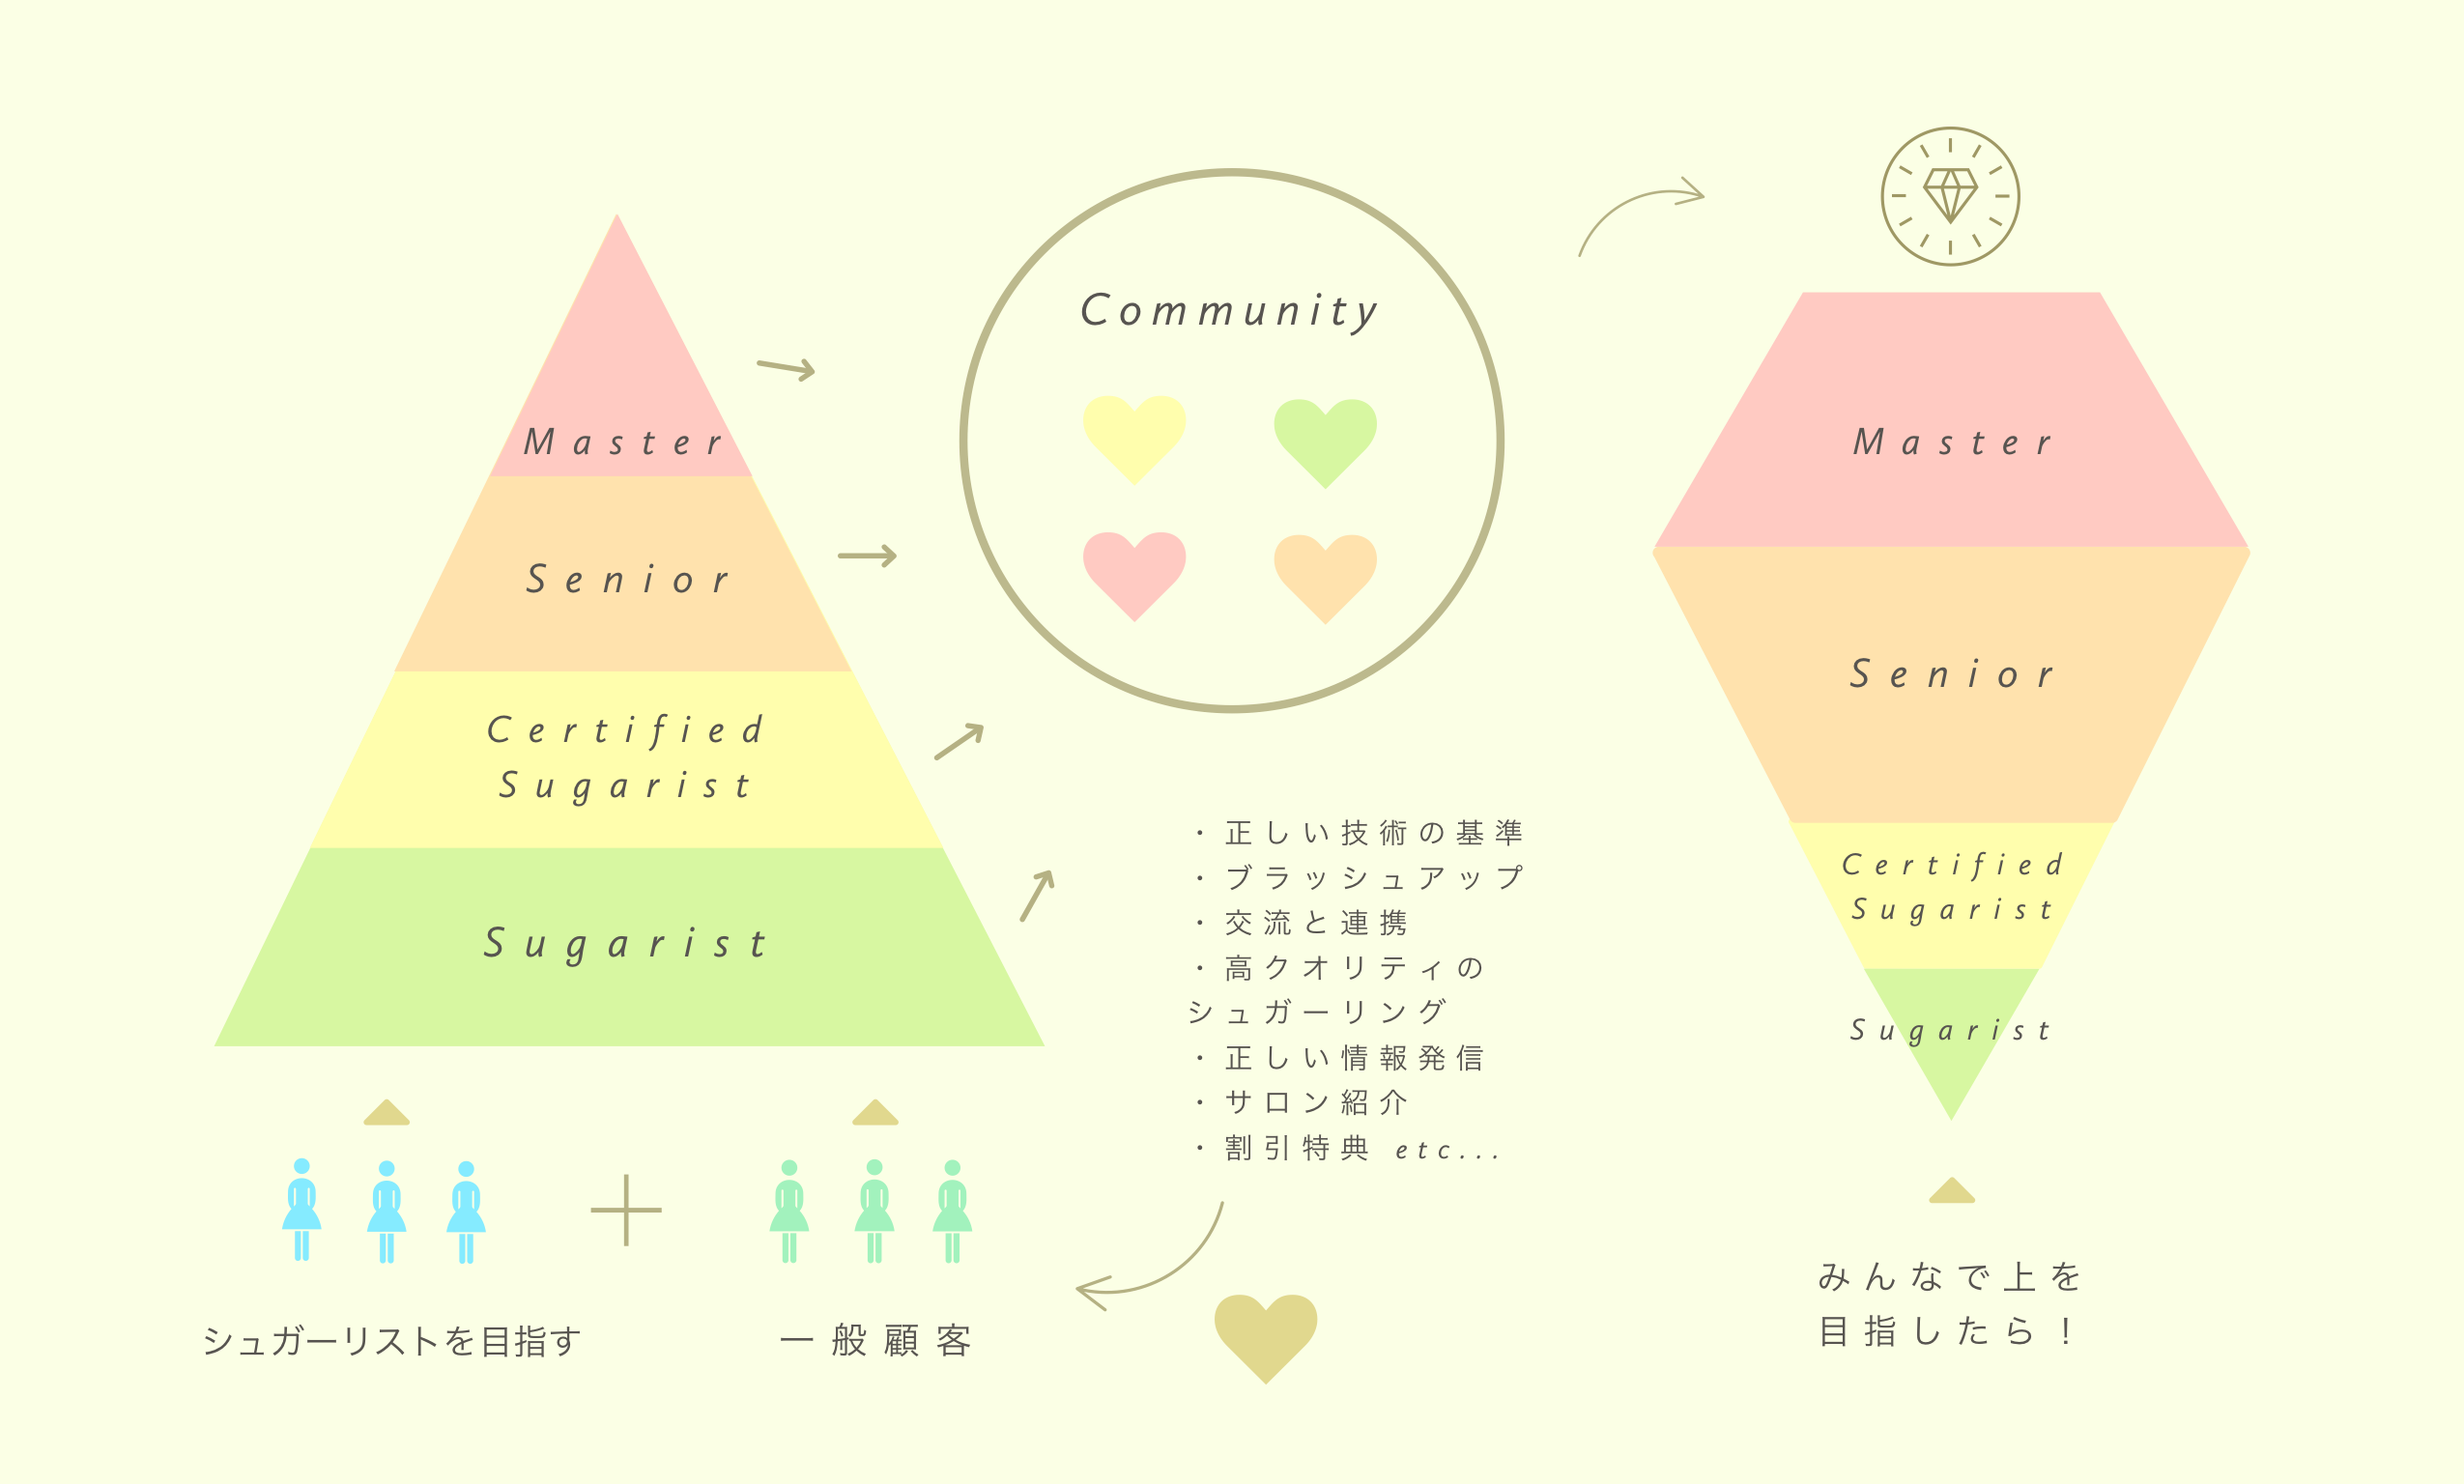 日本シュガーリング協会レベルアップ制度